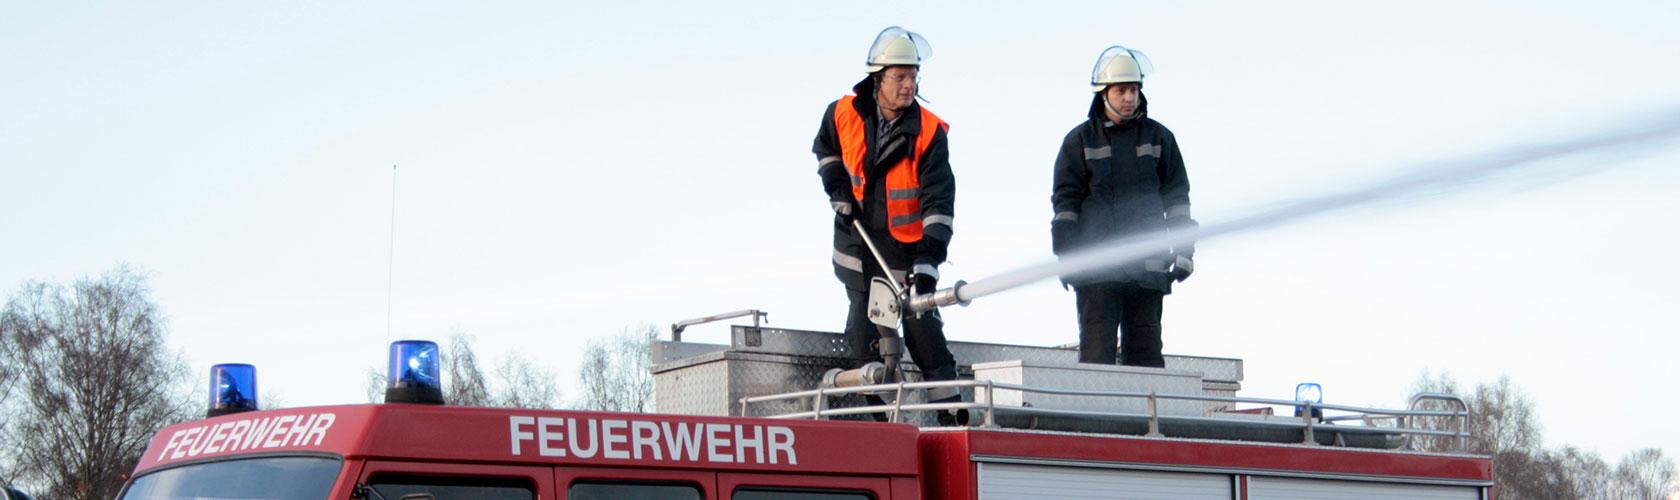 Brandschutzwache - Brandsicherheitsdienst Hannover